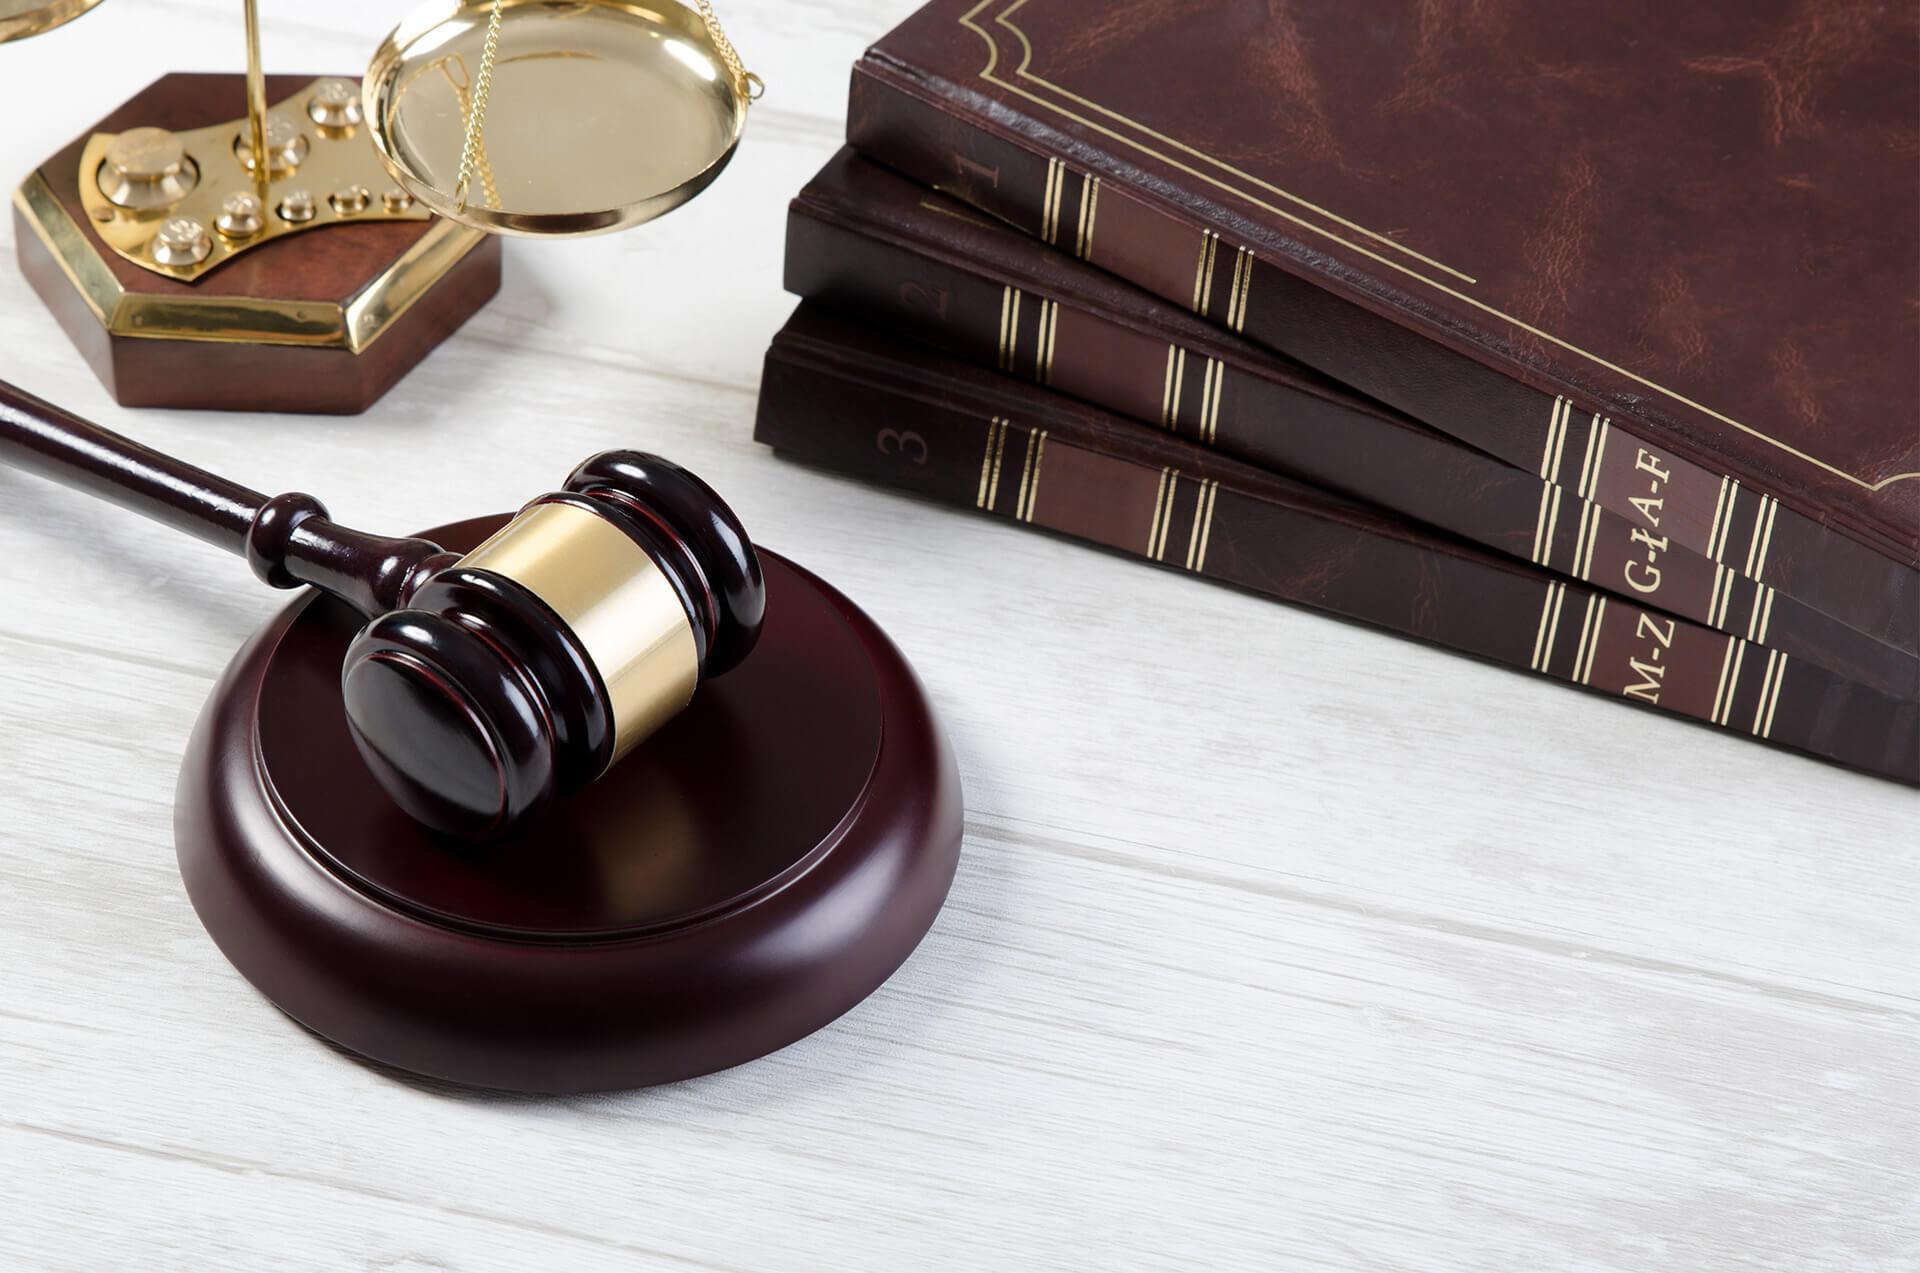 Erasing Eligible Criminal Records in Texas